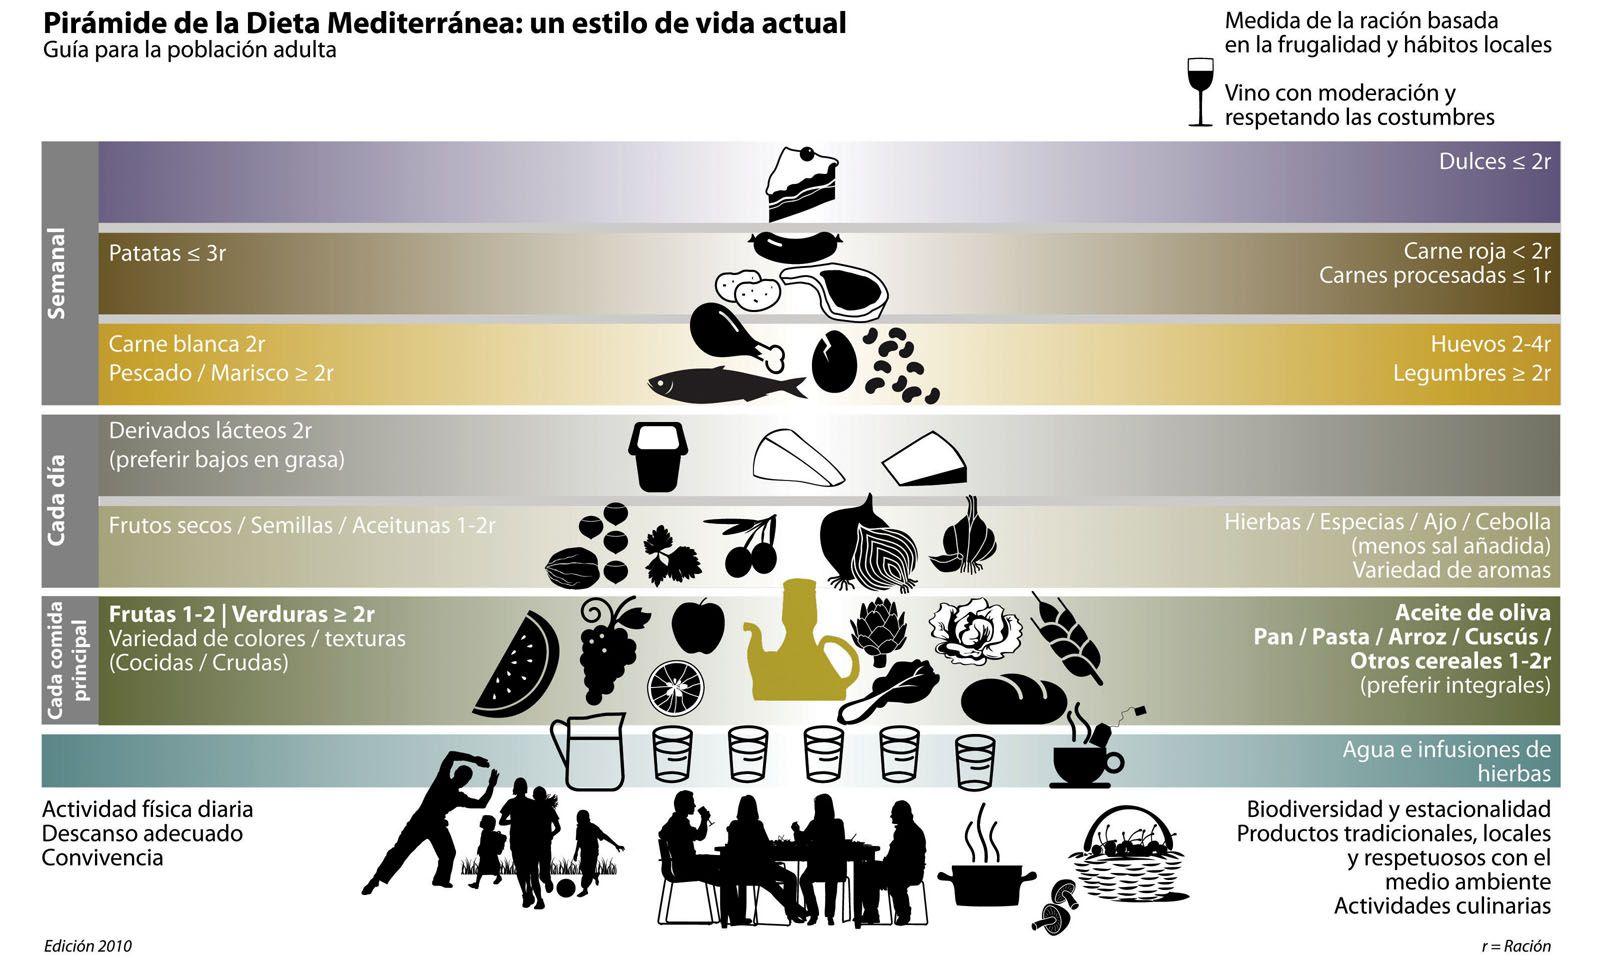 dieta mediterranea estilo de vida